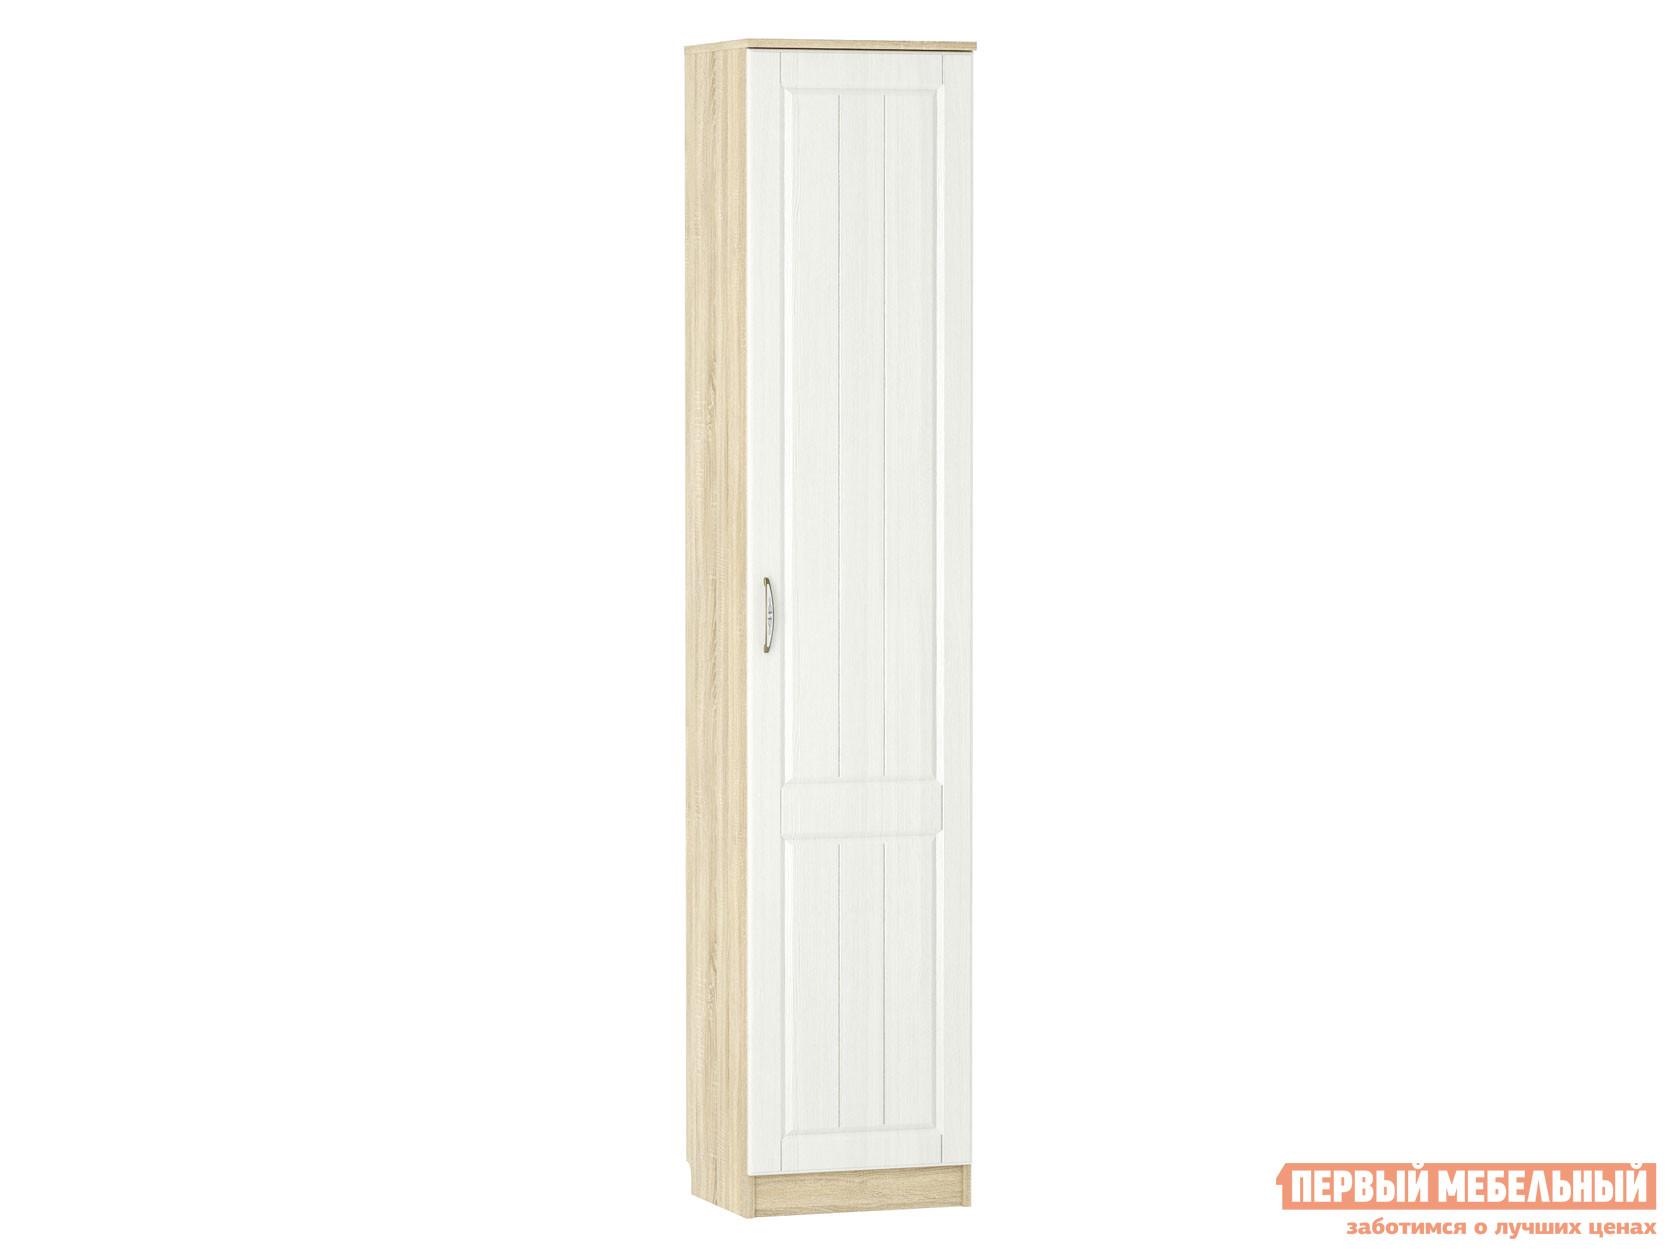 Распашной шкаф  1 дв Оливия НМ 040.43 Ф Дуб сонома / Белое дерево, Правый Сильва 125674